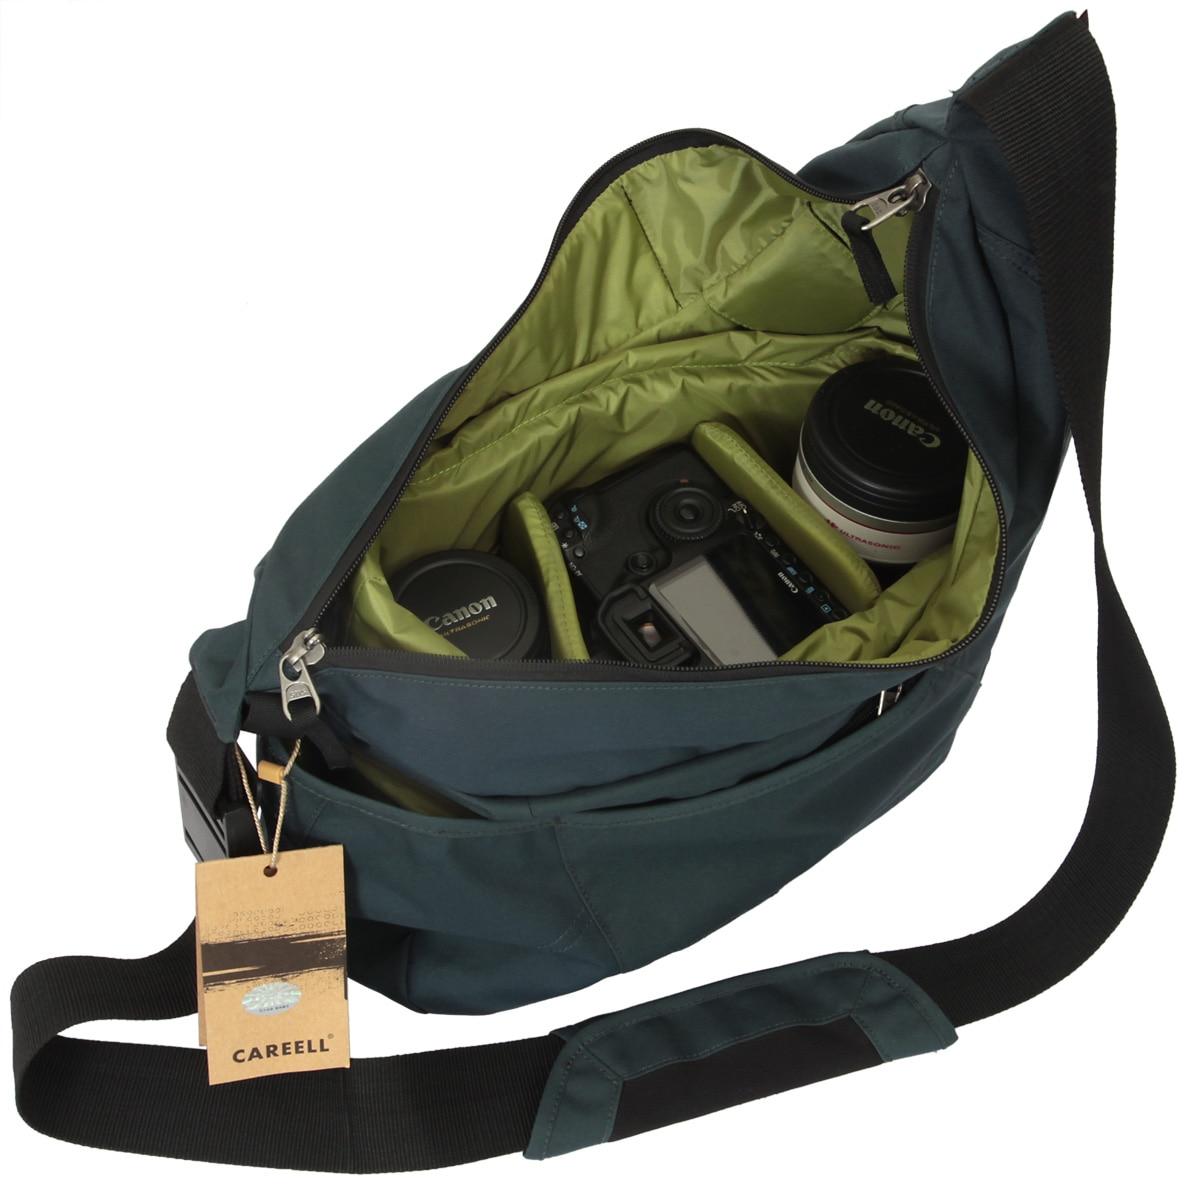 CAREELL C2028 Hohe Qualität Rucksack Trolley tasche Eine Schulter Rucksack Geneigt Schultern Für Kamera Video Foto Tasche-in Kamera/Video Taschen aus Verbraucherelektronik bei  Gruppe 1